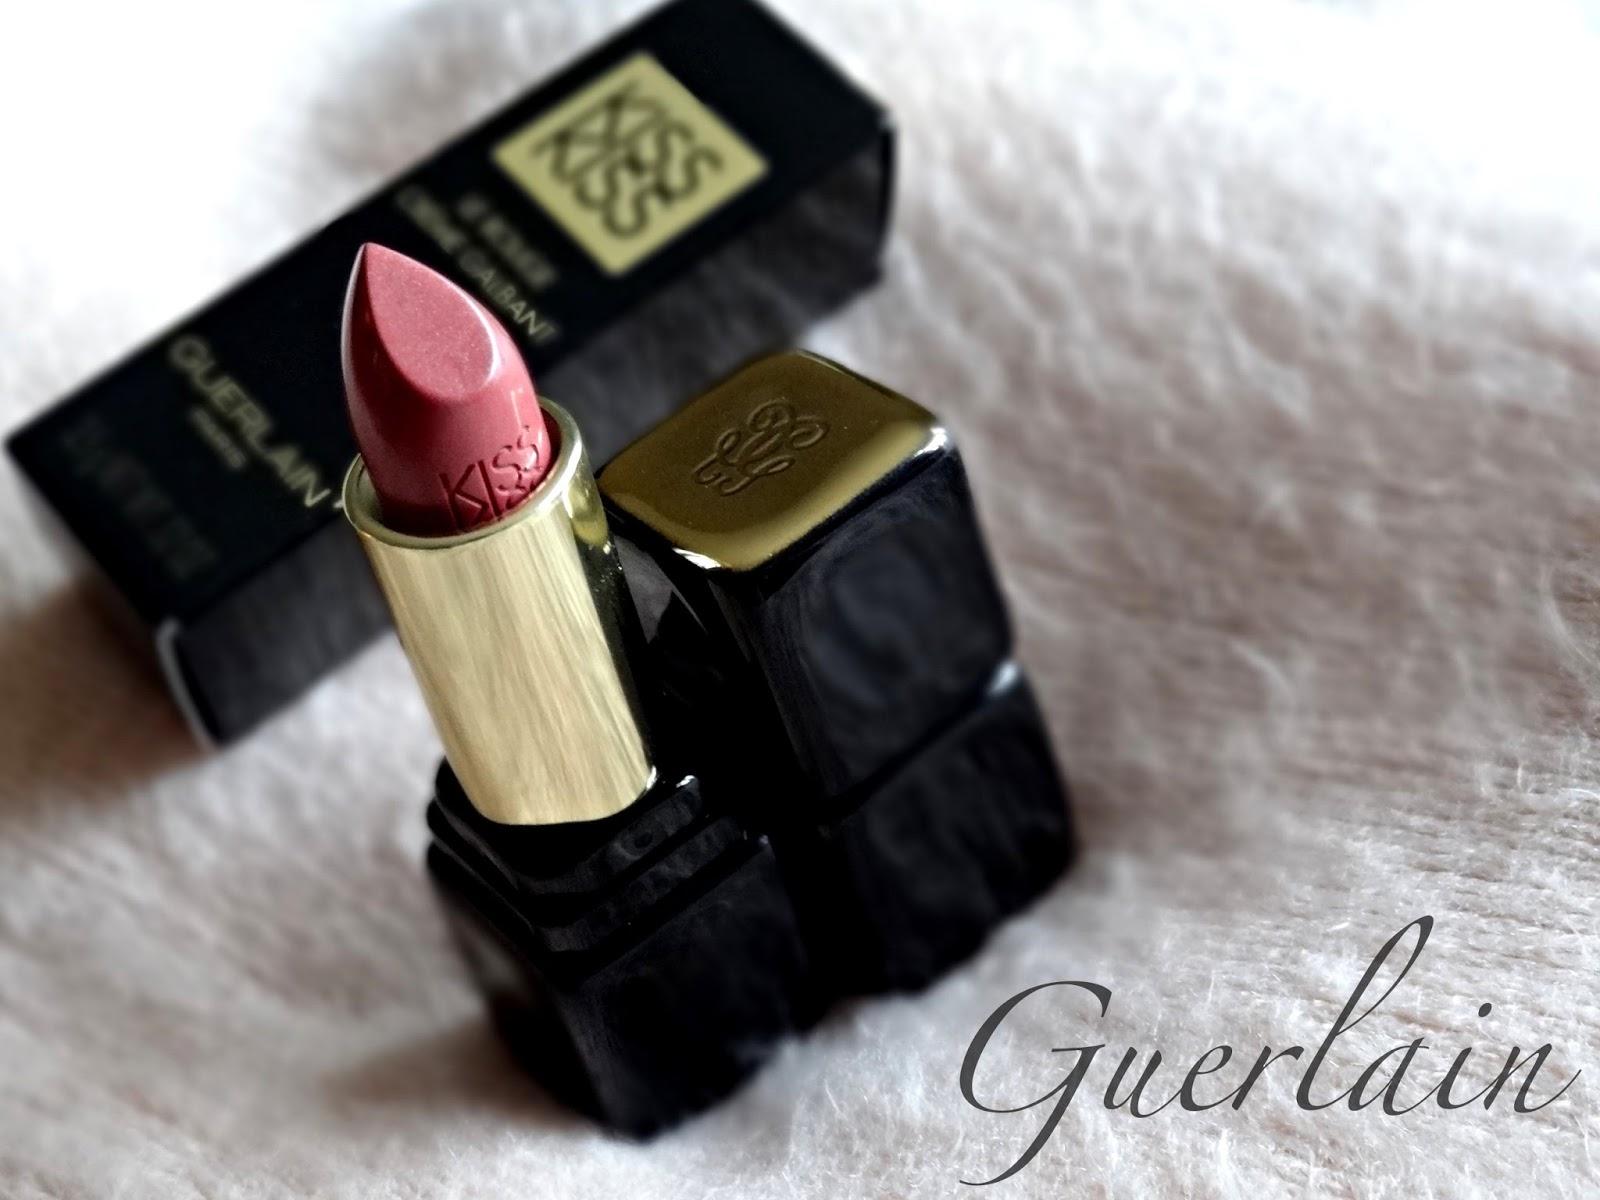 Guerlain Kiss Kiss Lipstick In Beige Booster #303